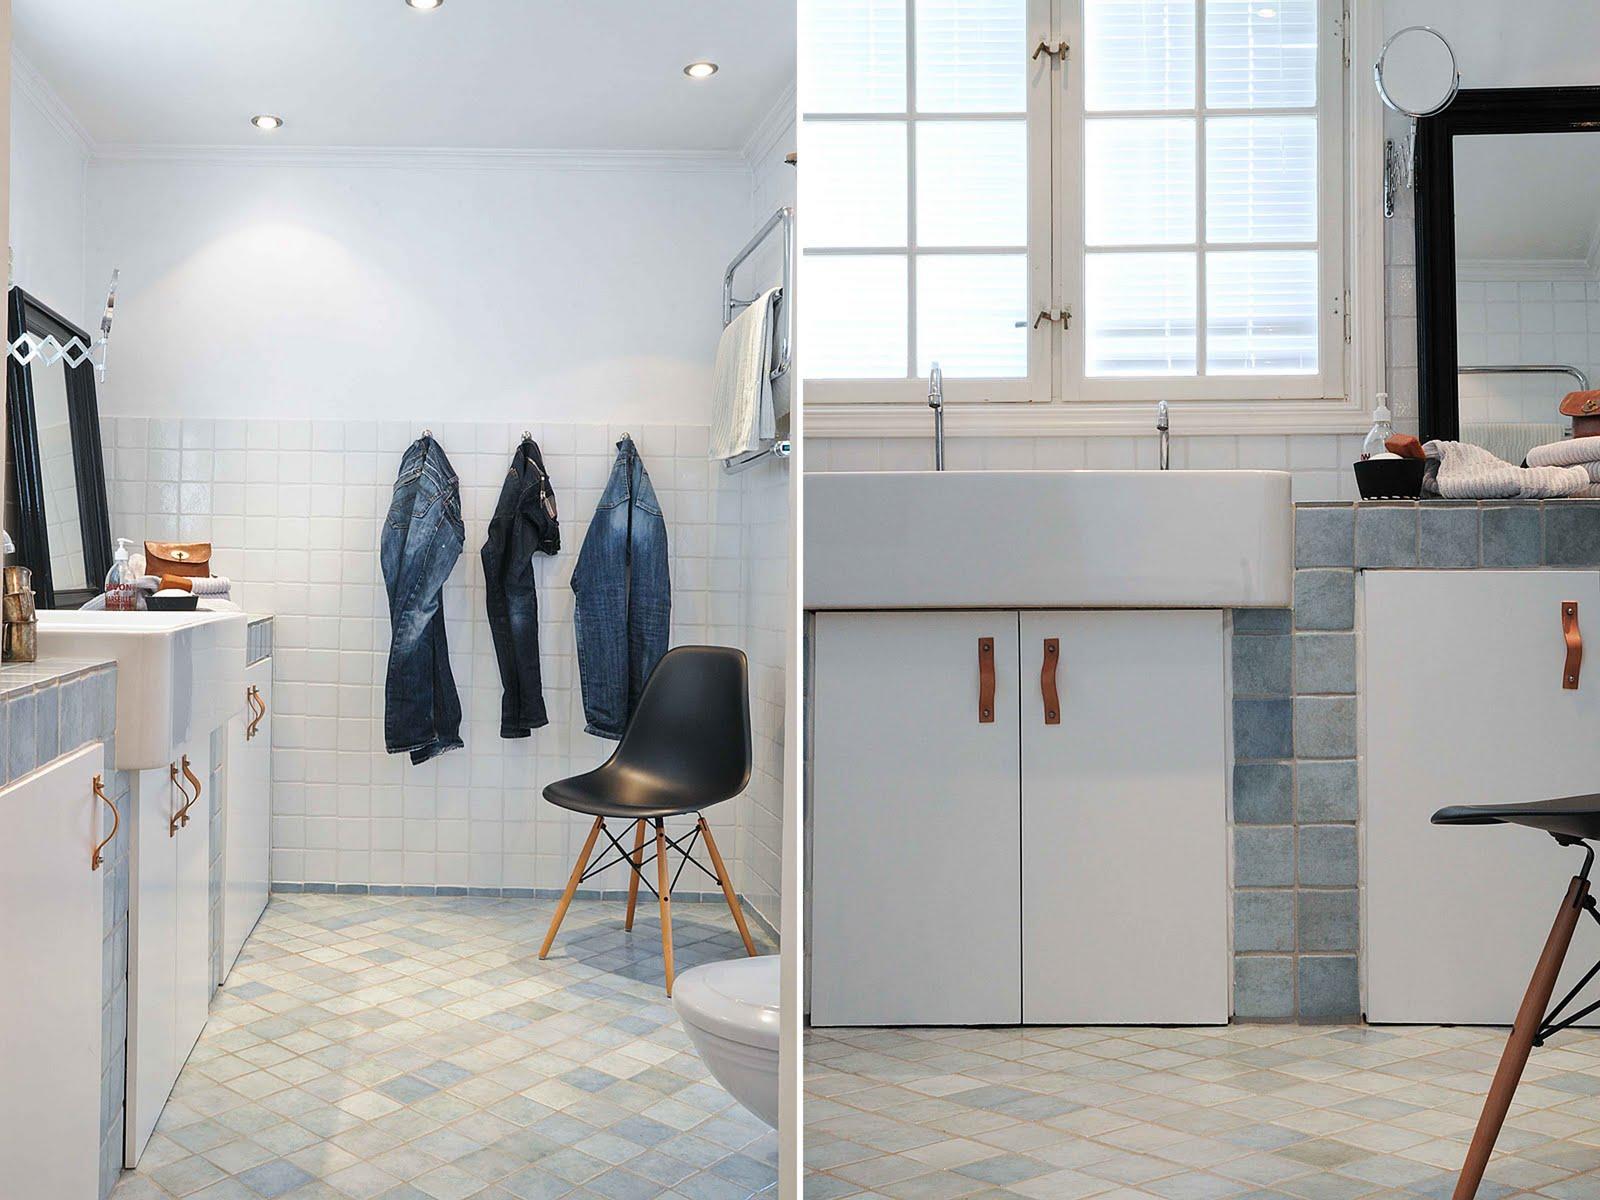 Keuken Licht Blauw : interiur huis keuken: Prachtige badkamer